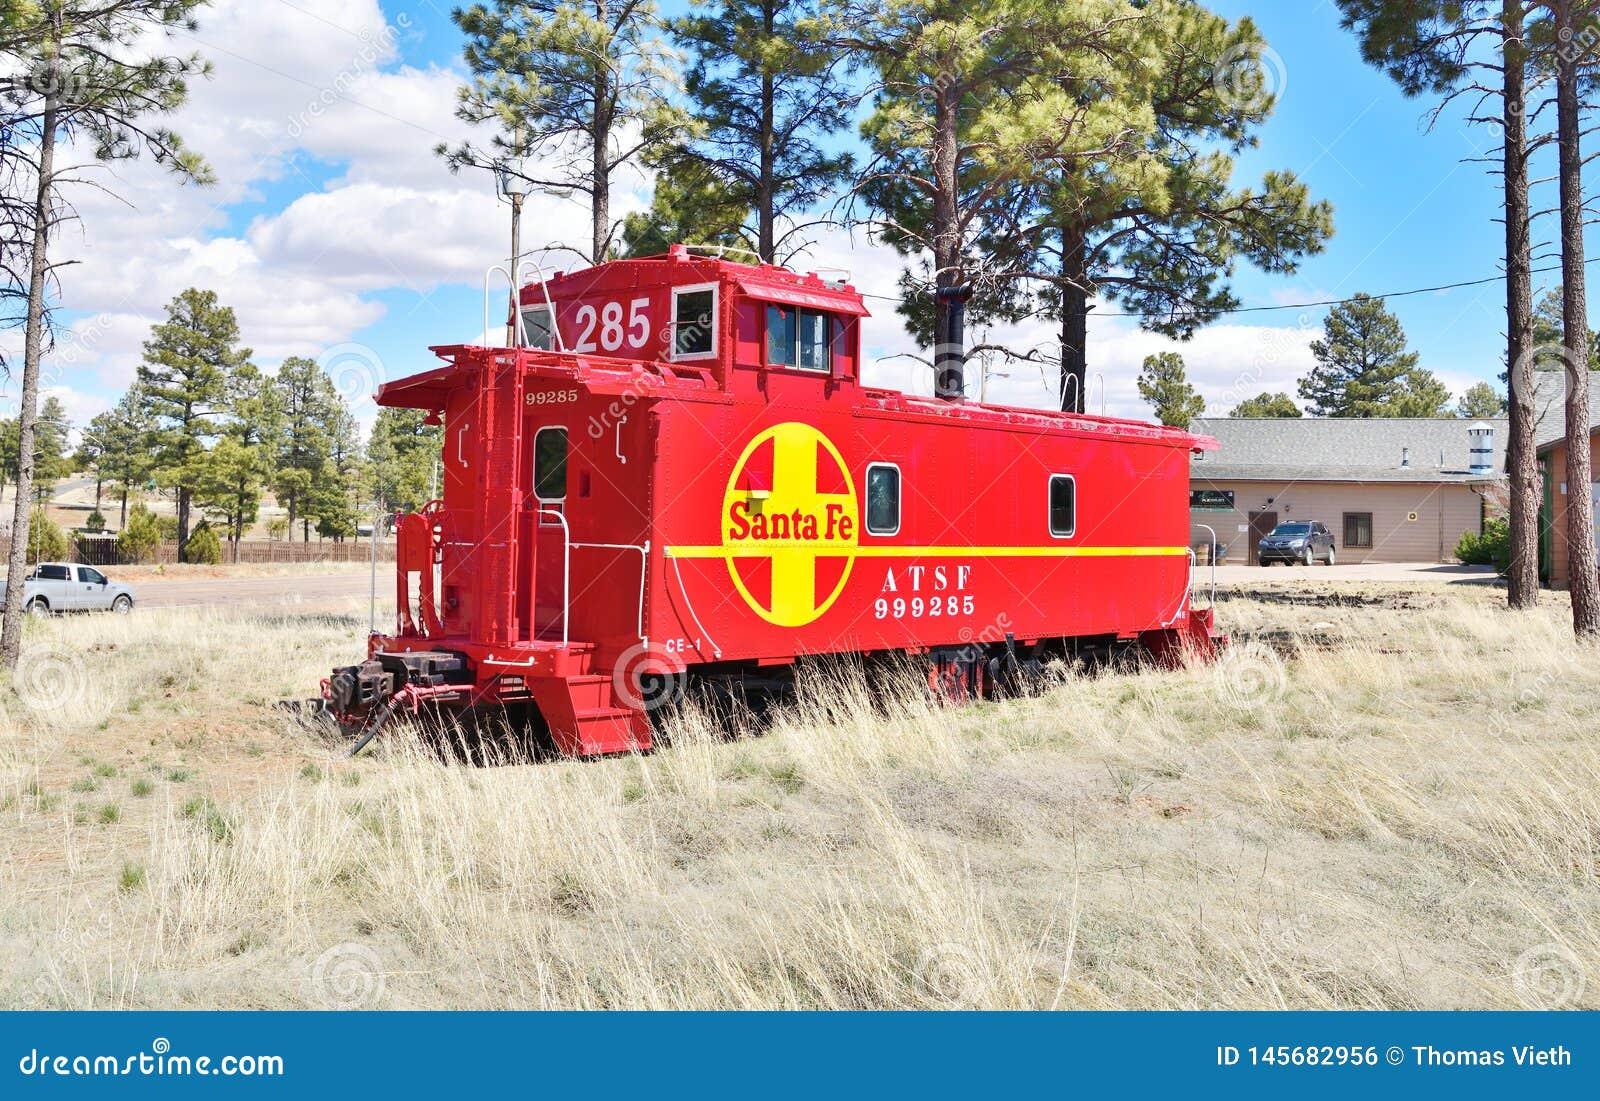 Аризона, Overgaard: Приведенный камбуз Nr ATSF 999285